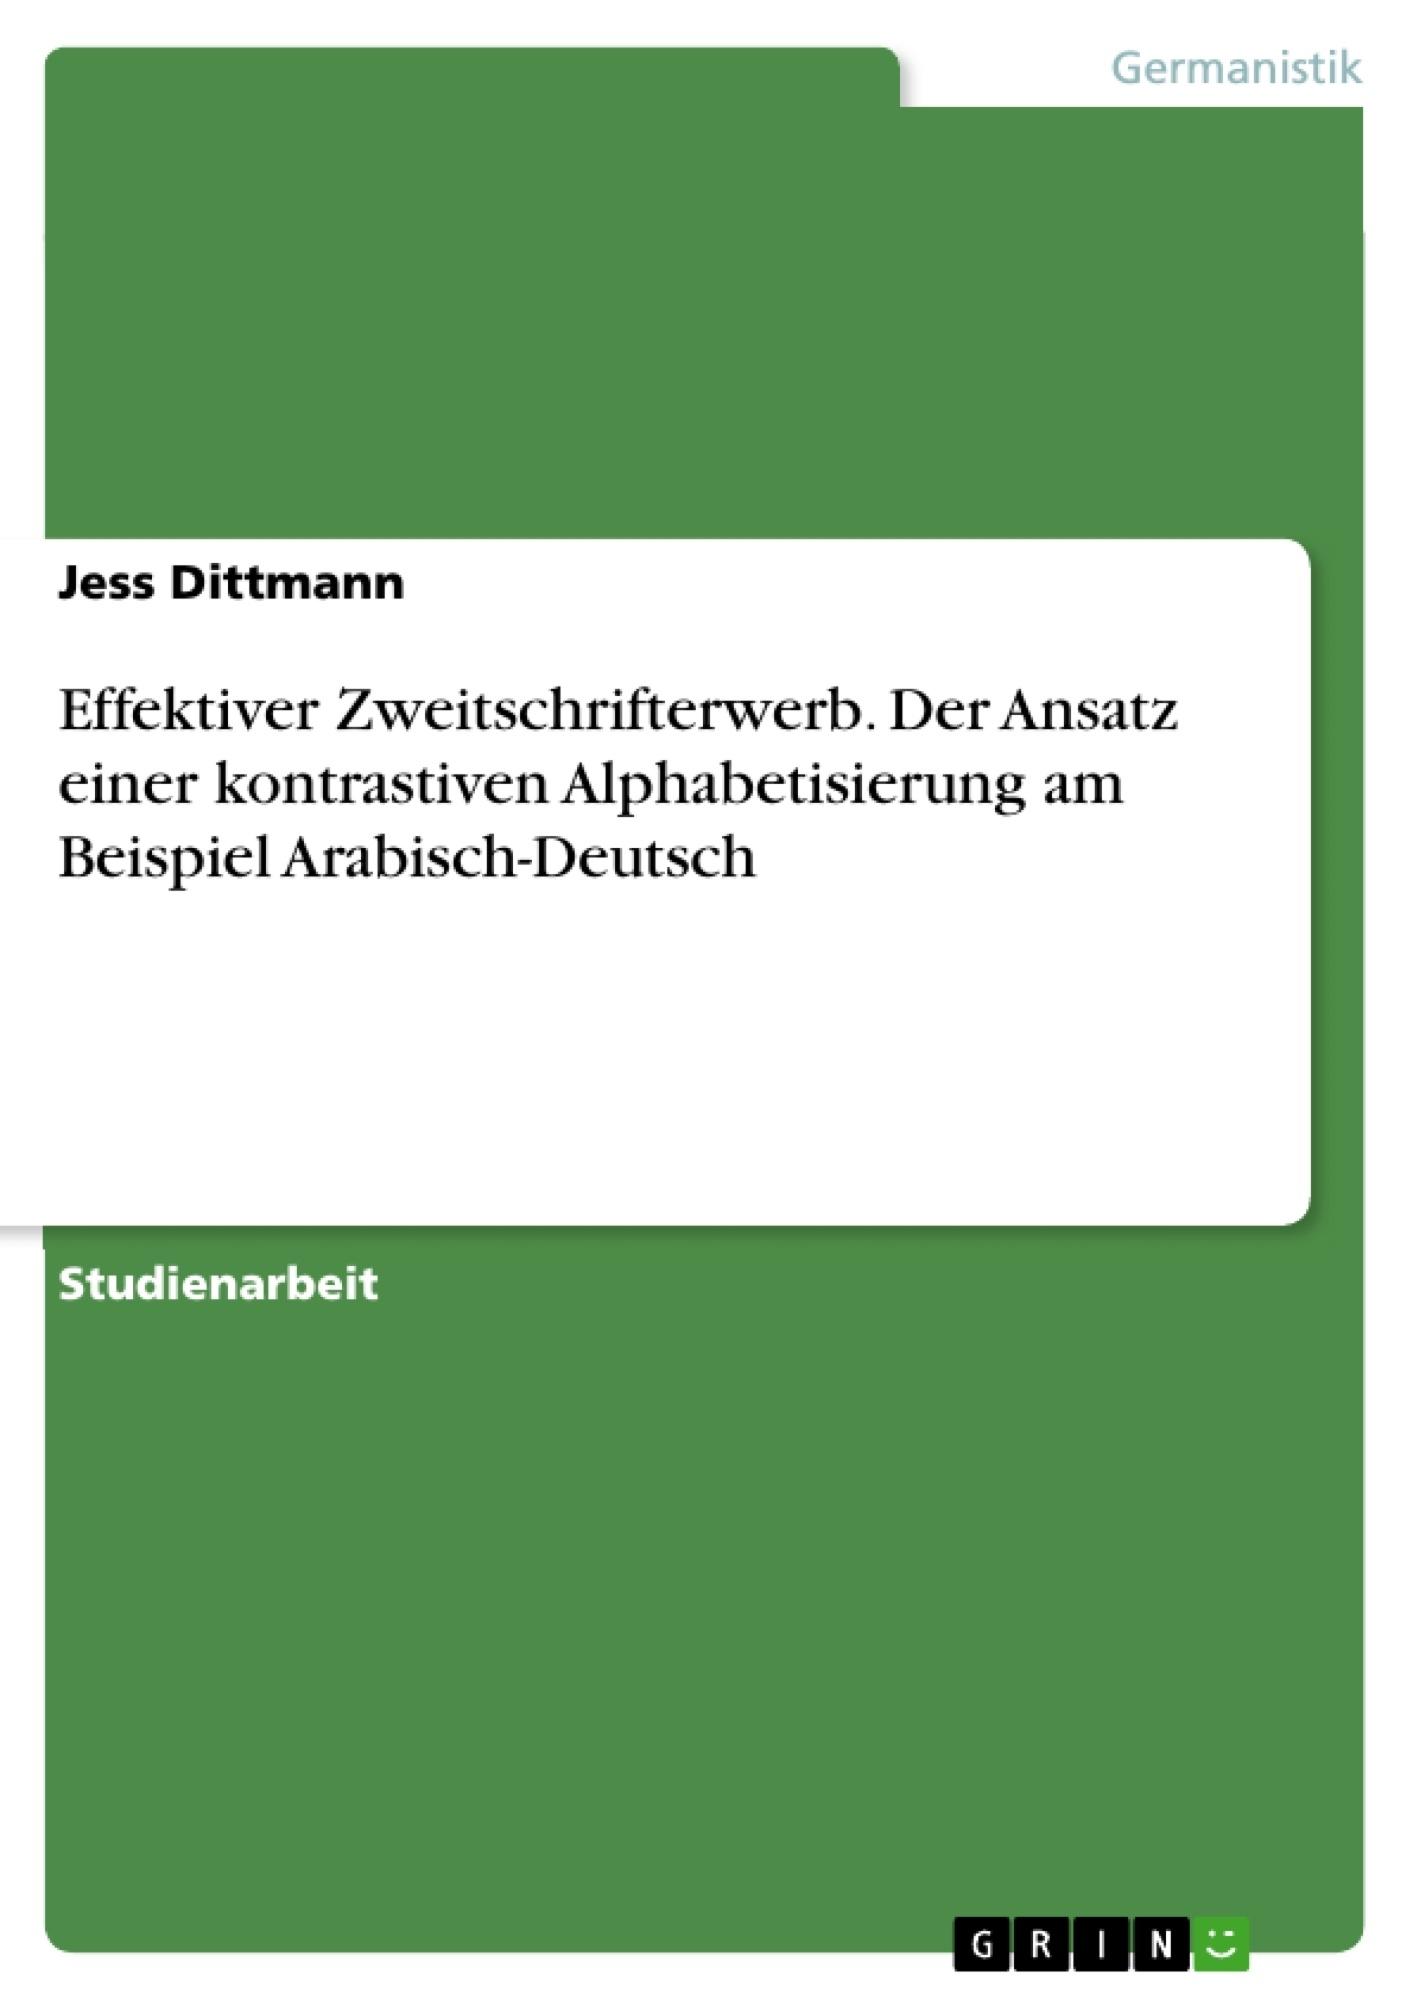 Titel: Effektiver Zweitschrifterwerb. Der Ansatz einer kontrastiven Alphabetisierung am Beispiel Arabisch-Deutsch